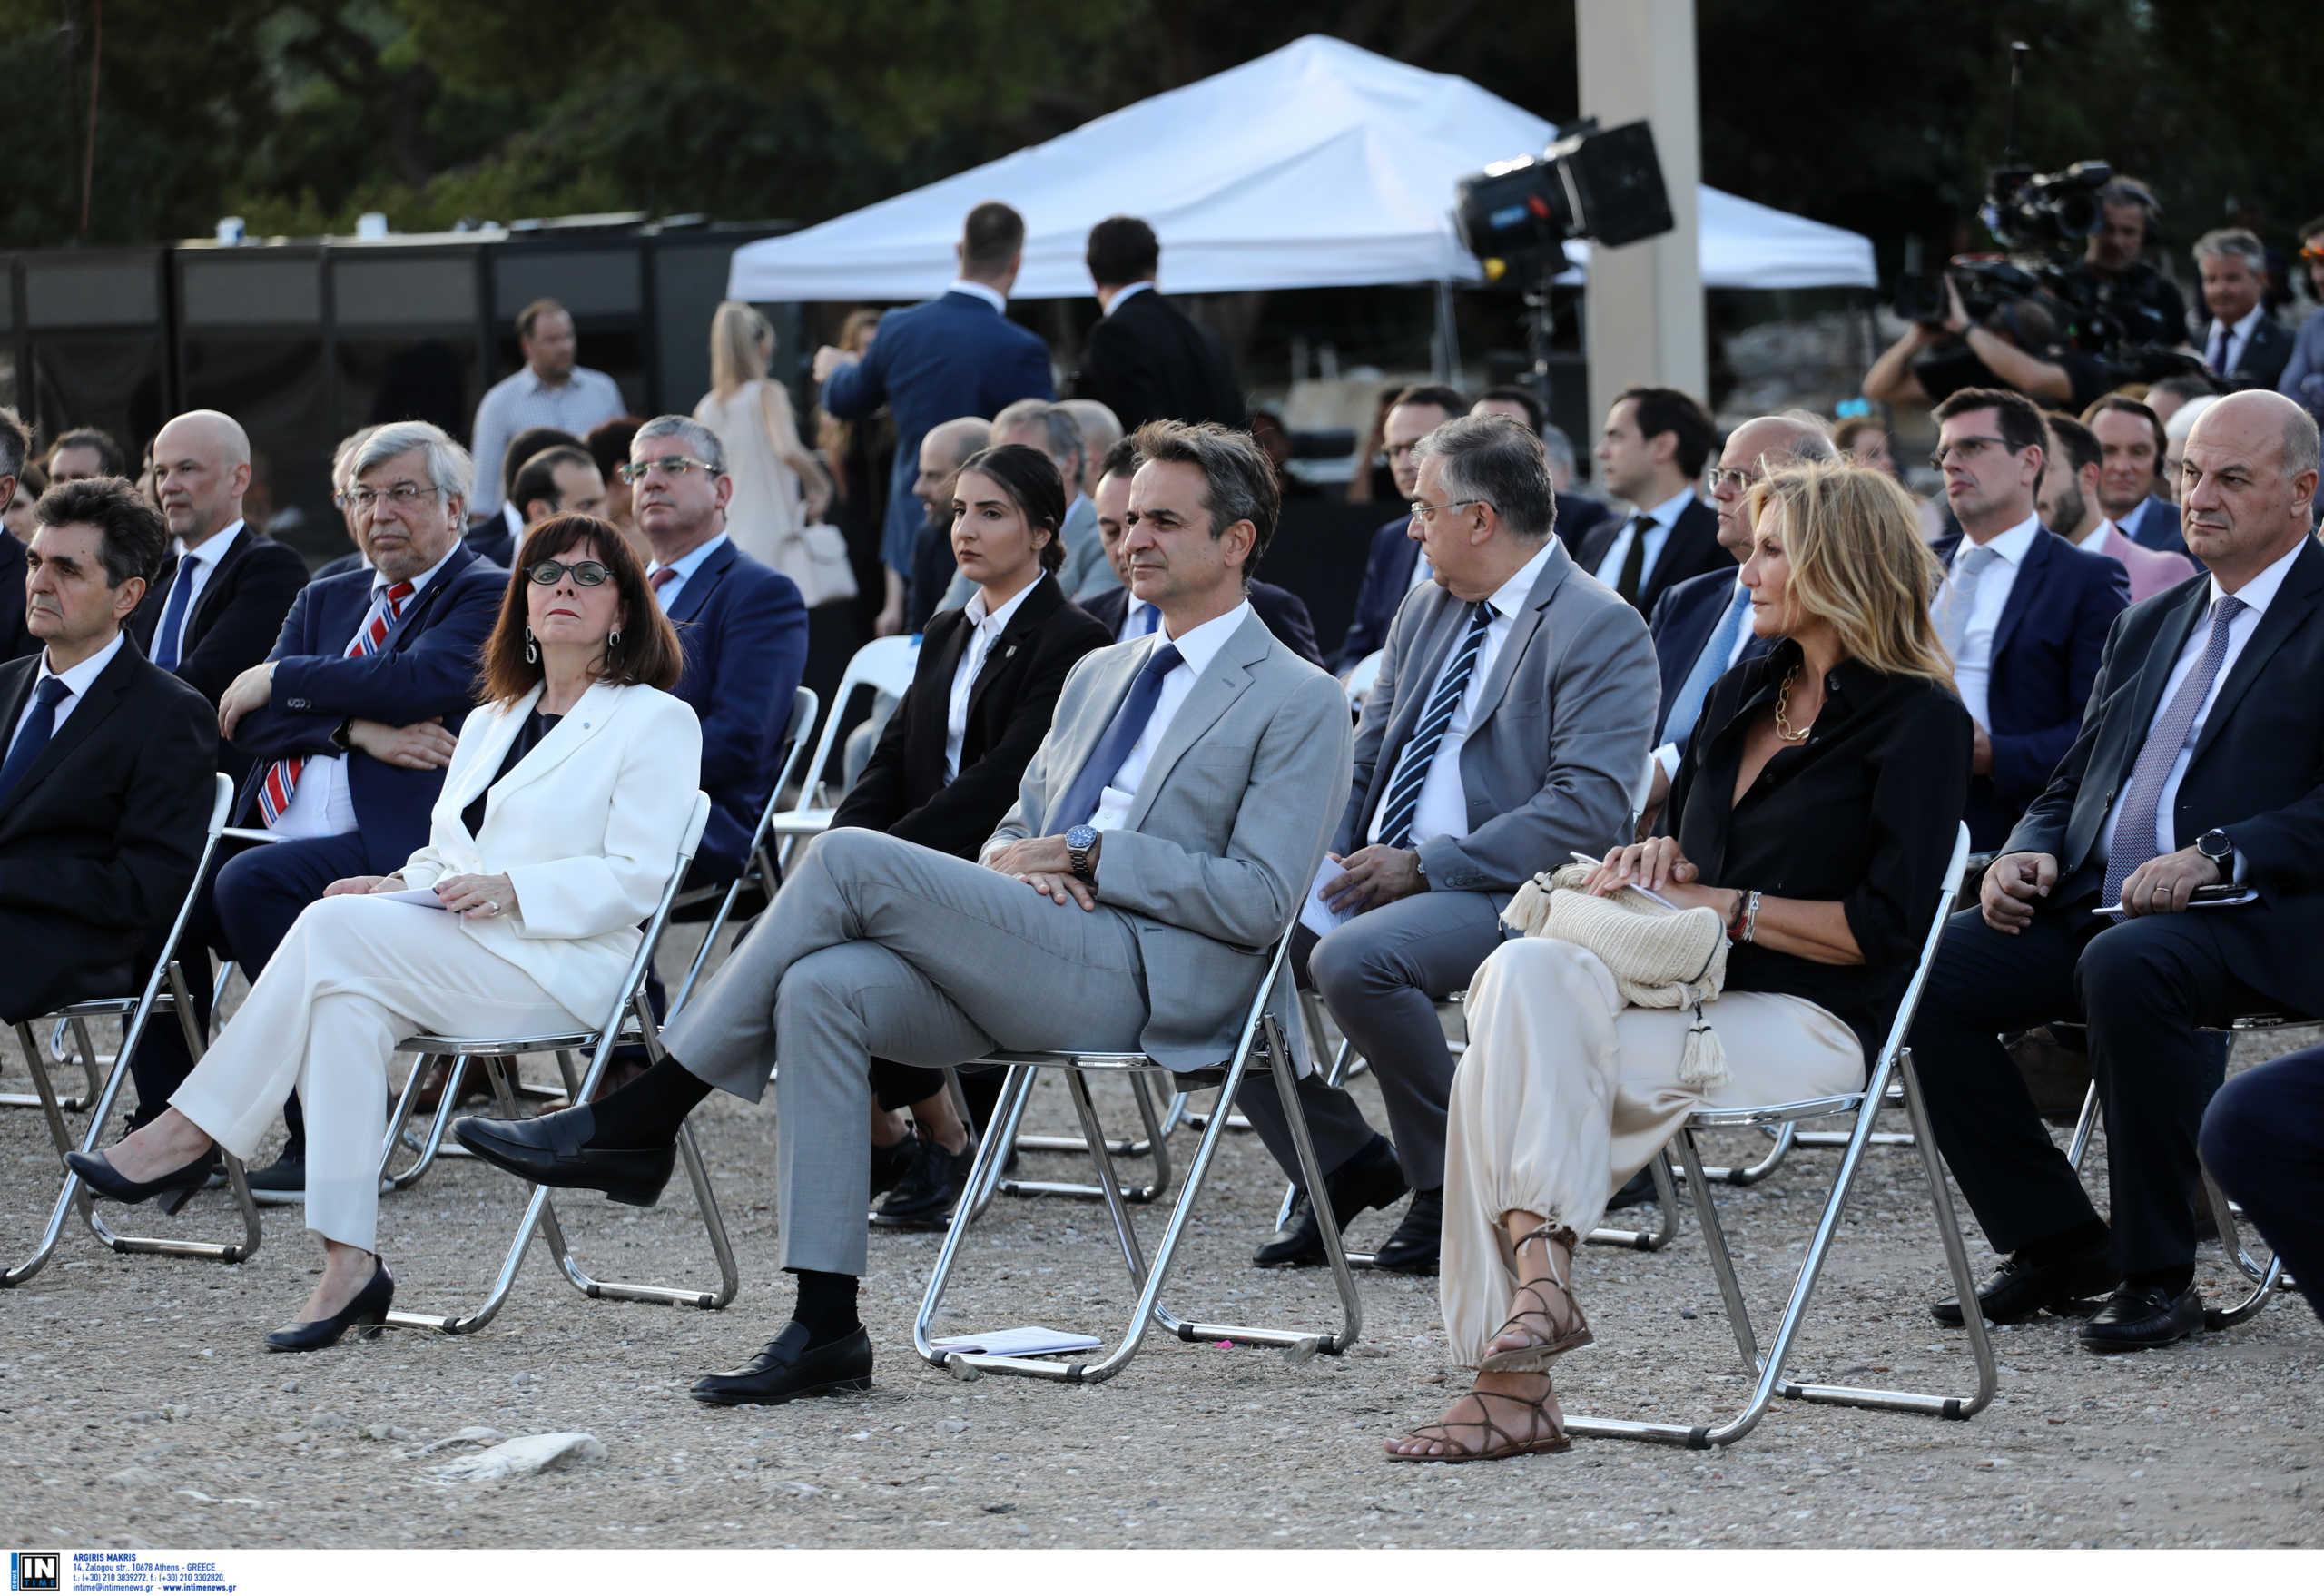 Το ζεύγος Μητσοτάκη, η Πρόεδρος της Δημοκρατίας και οι εμβληματικοί Στύλοι του Ολυμπίου Διός (pics)